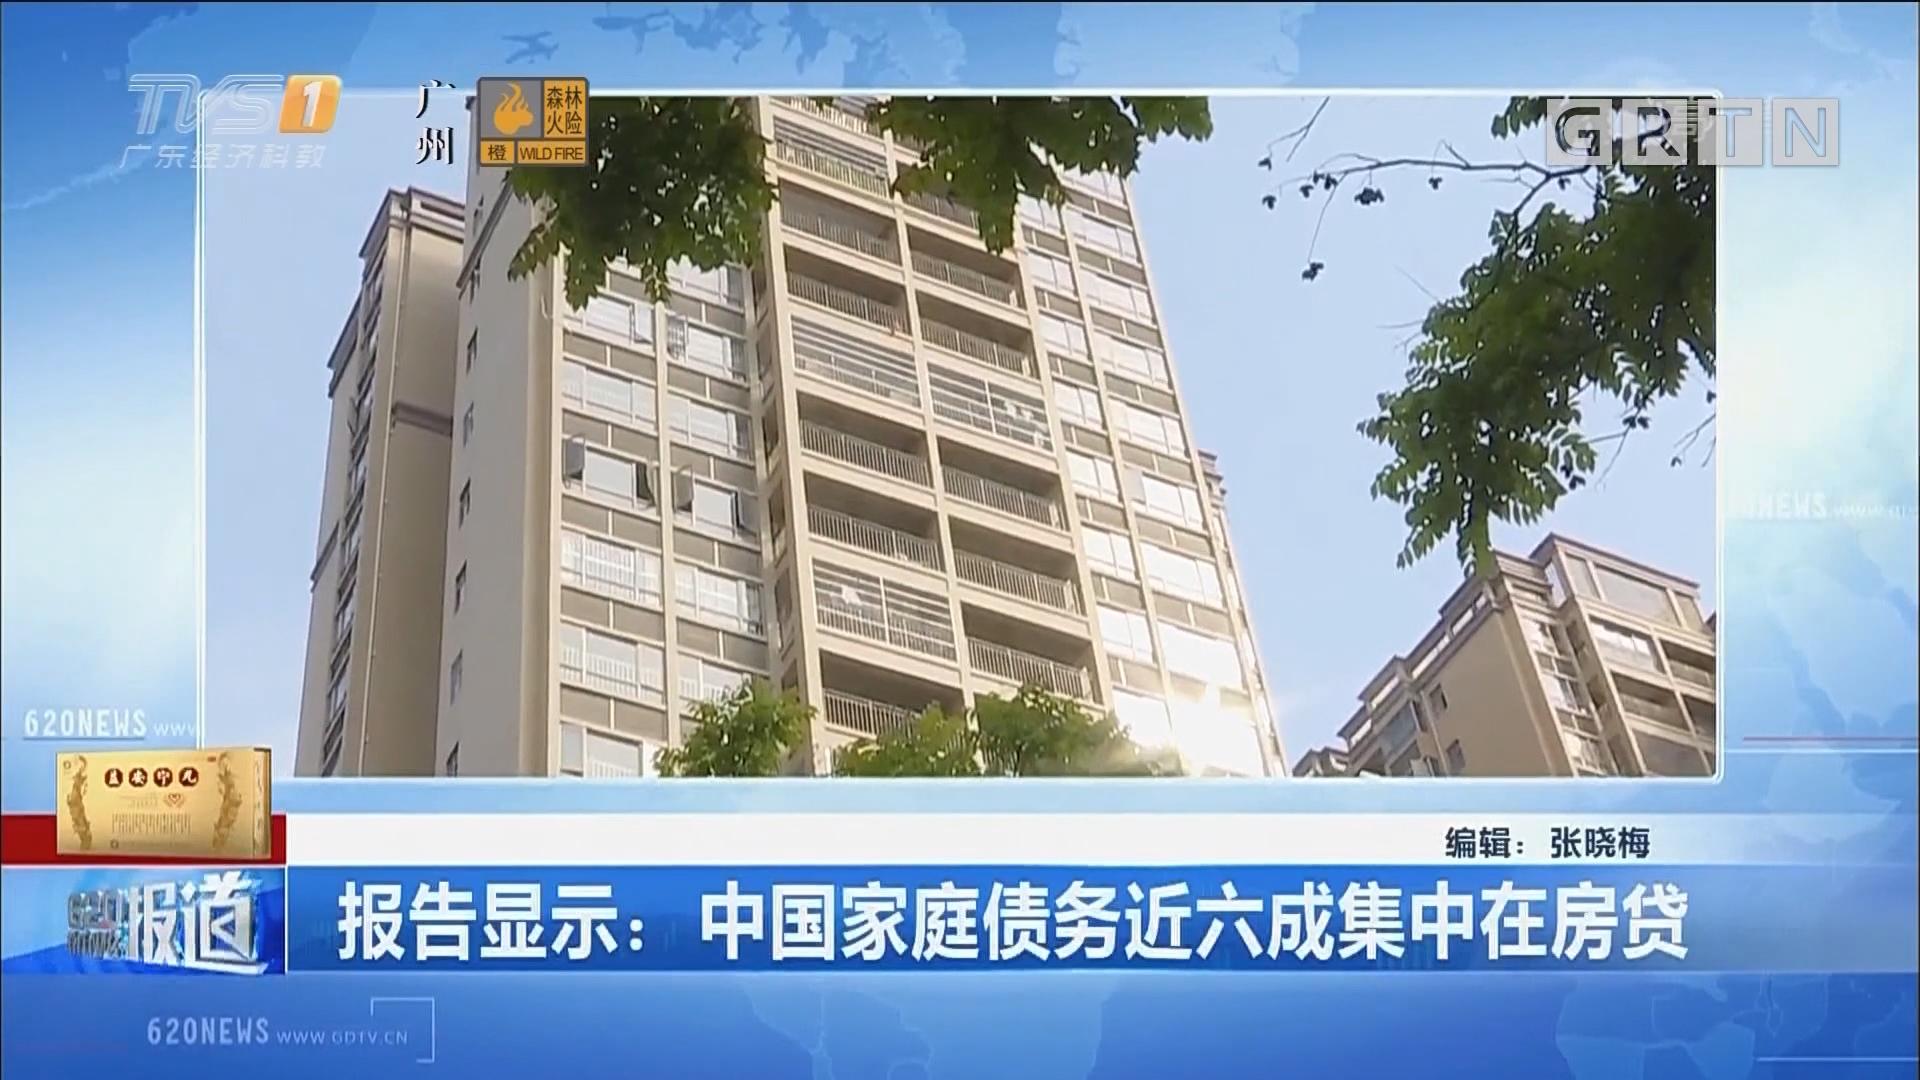 报告显示:中国家庭债务近六成集中在房贷